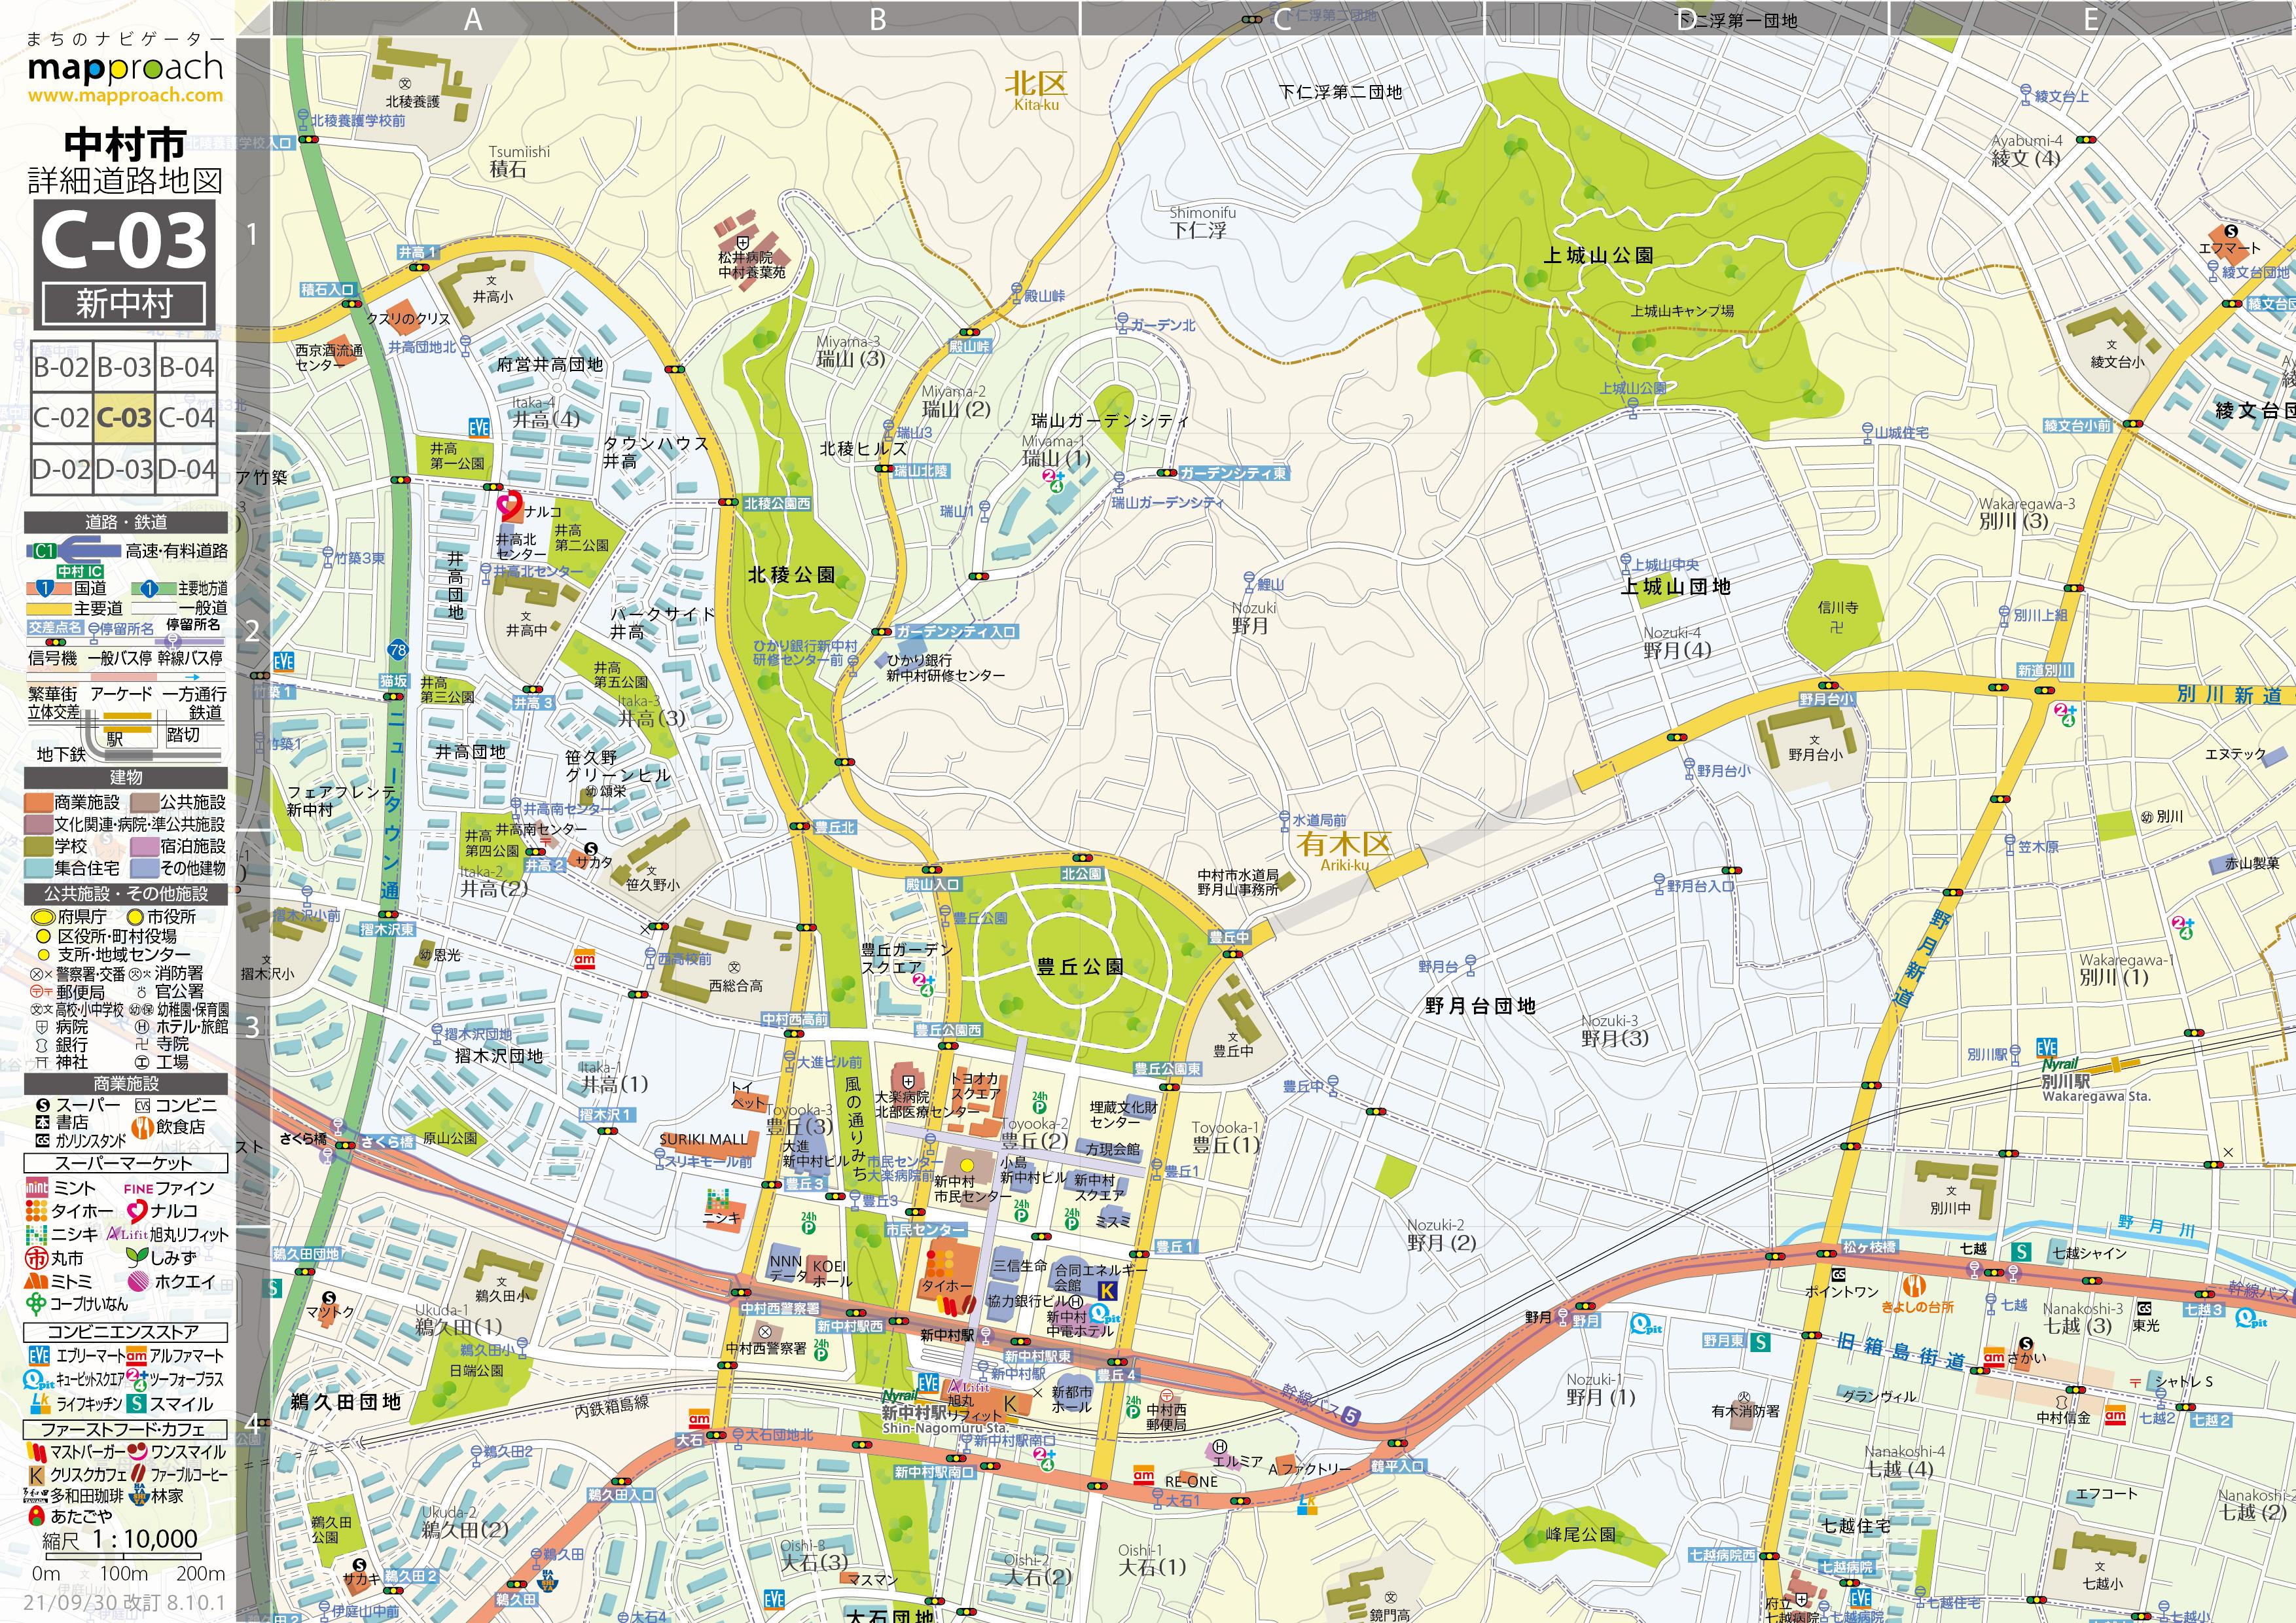 C-03 新中村 地図拡大